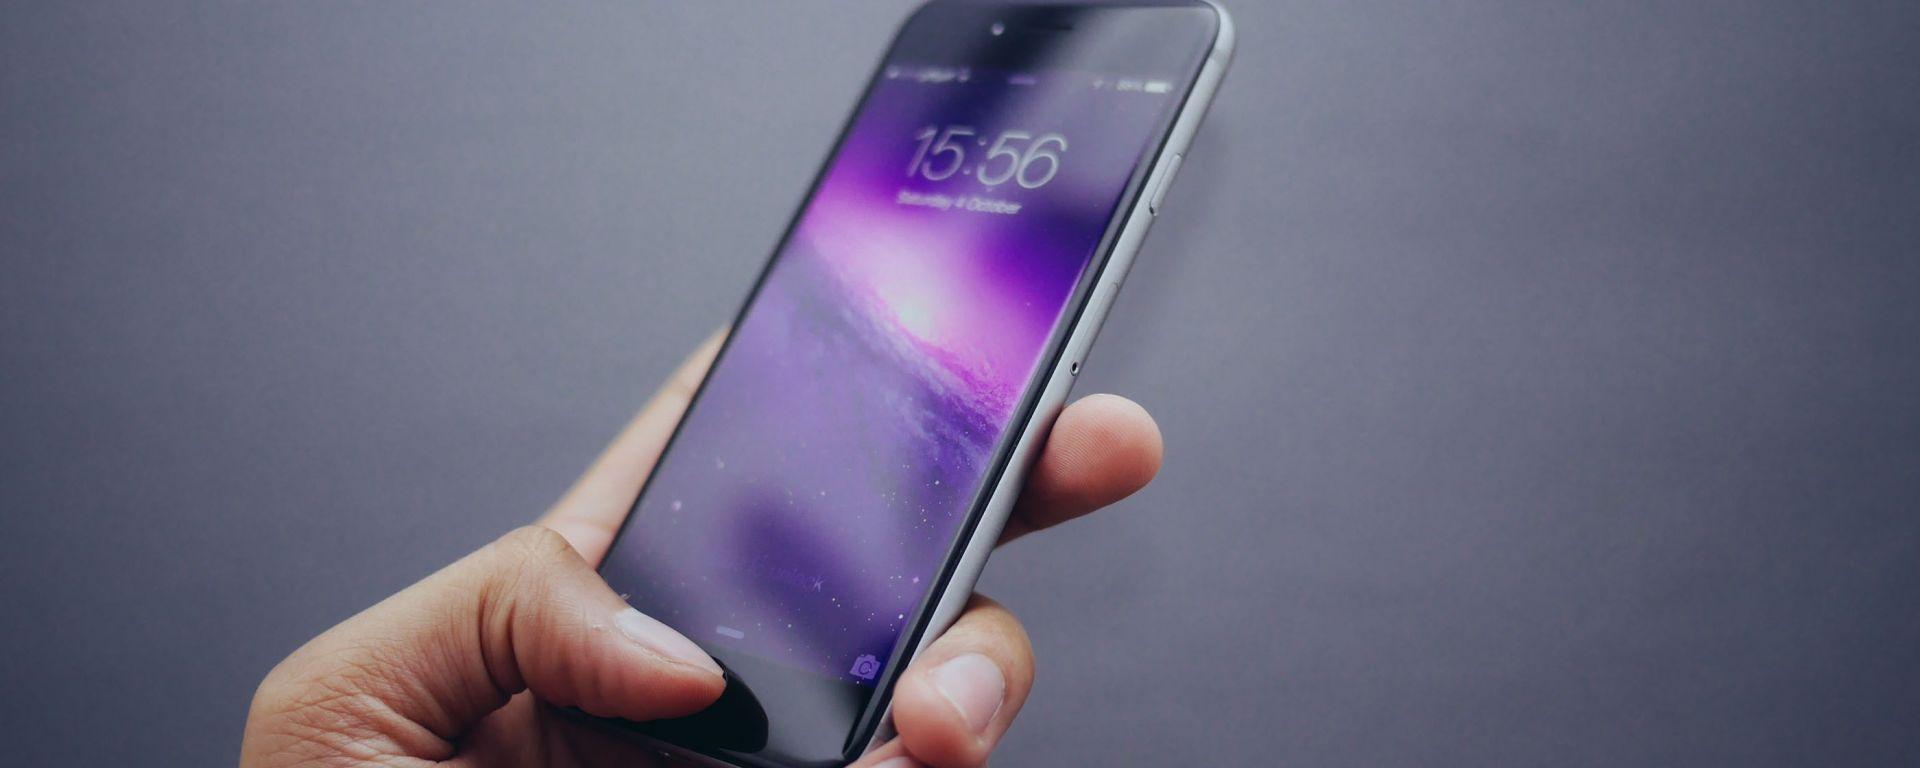 iPhone 7: perché sarà importante anche per l'auto